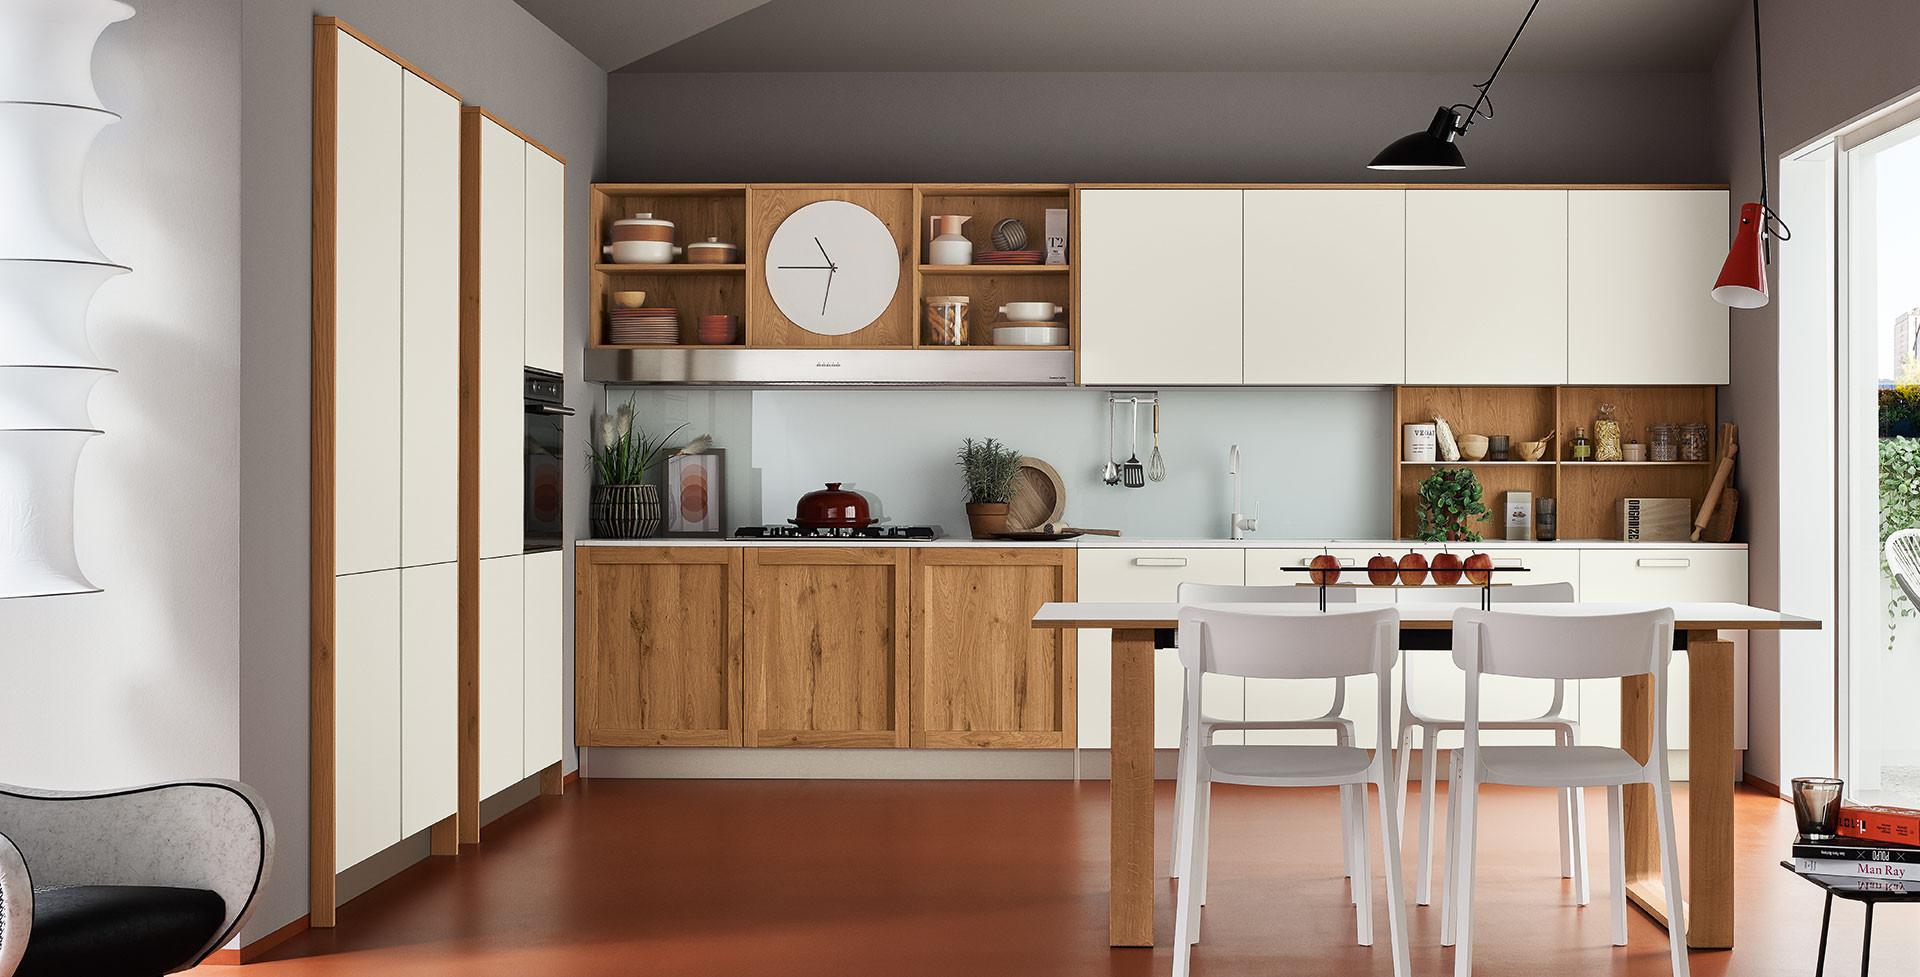 Catalogo Top Veneta Cucine.Cucina Milano Veneta Cucine